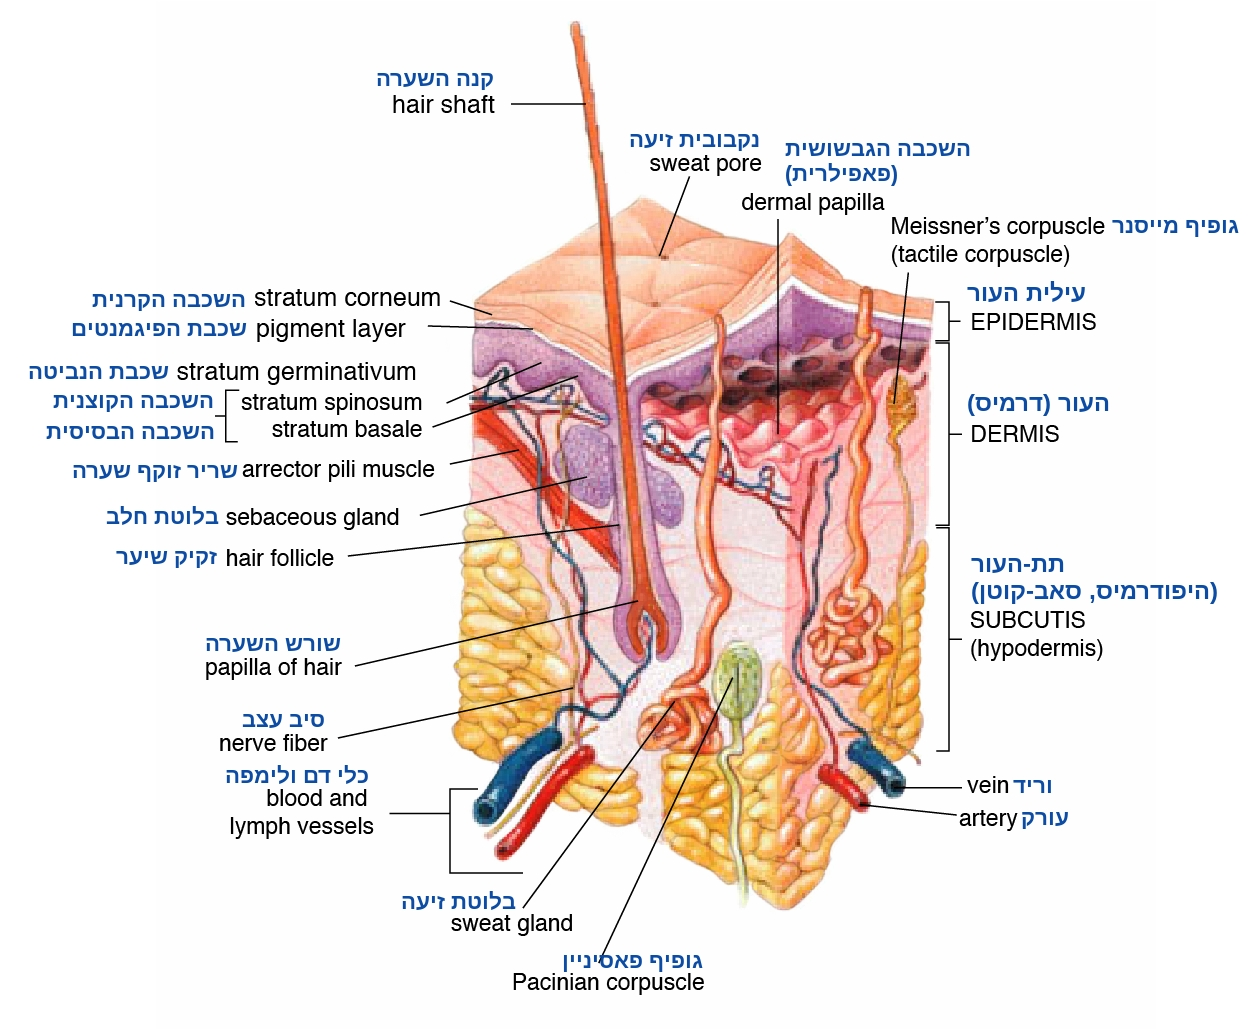 טיפול בגלי קול ממוקדים (HIFU/הייפו)